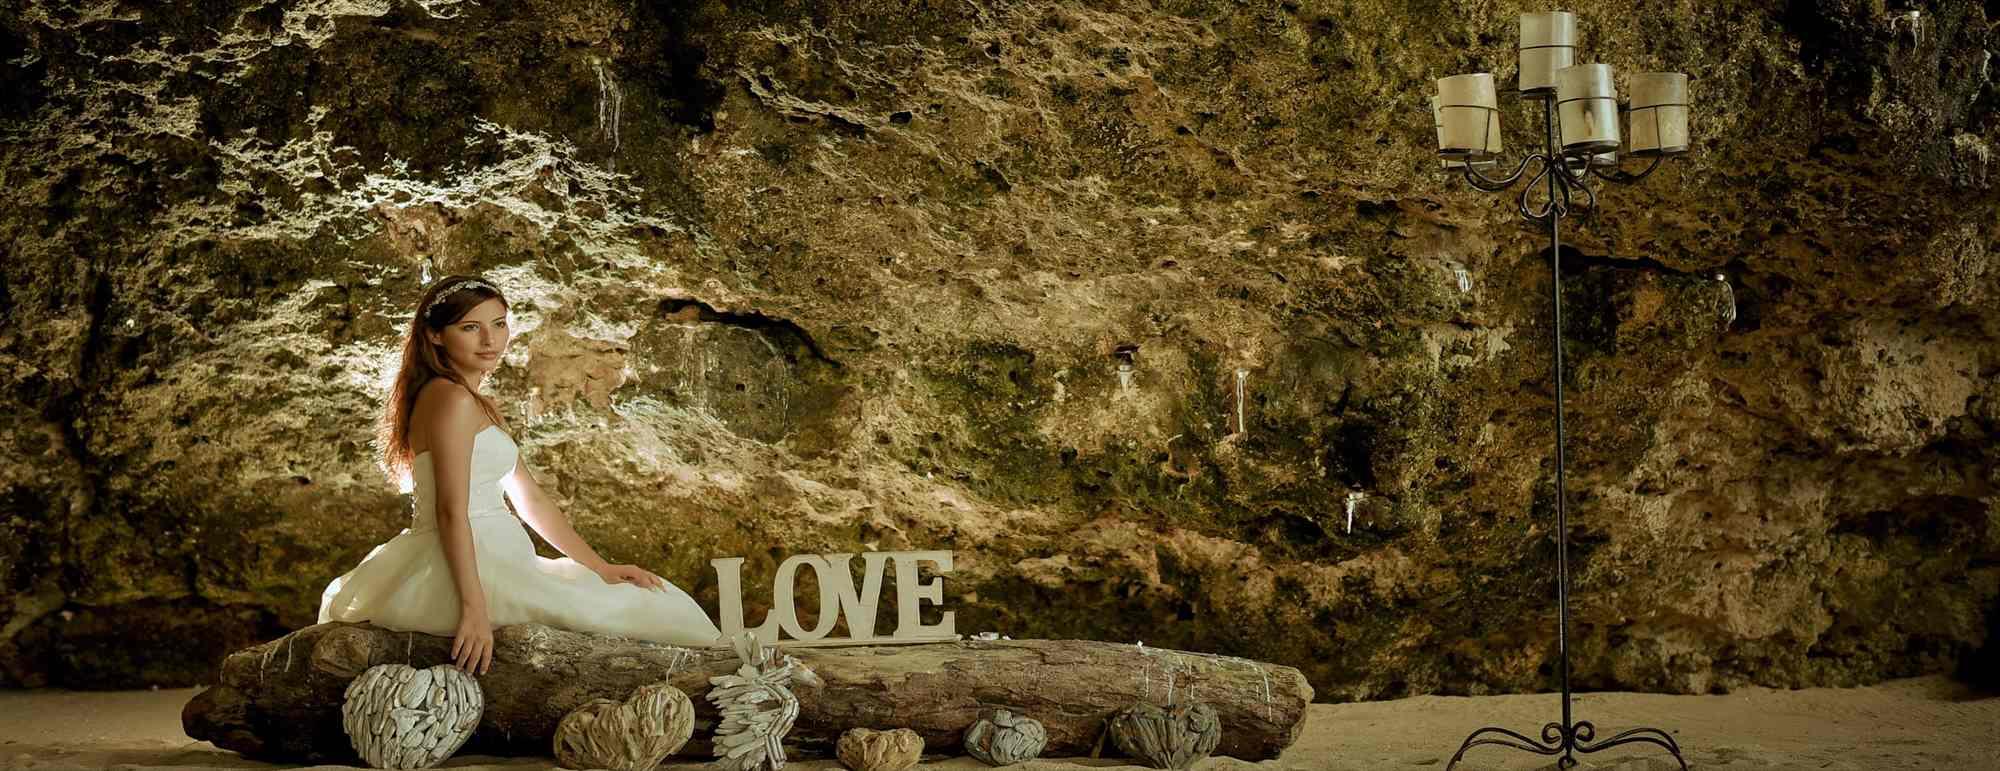 バリ島ビーチ・ウェディング サマベ・バリ ビーチ挙式 Samabe Bali Beach Wedding